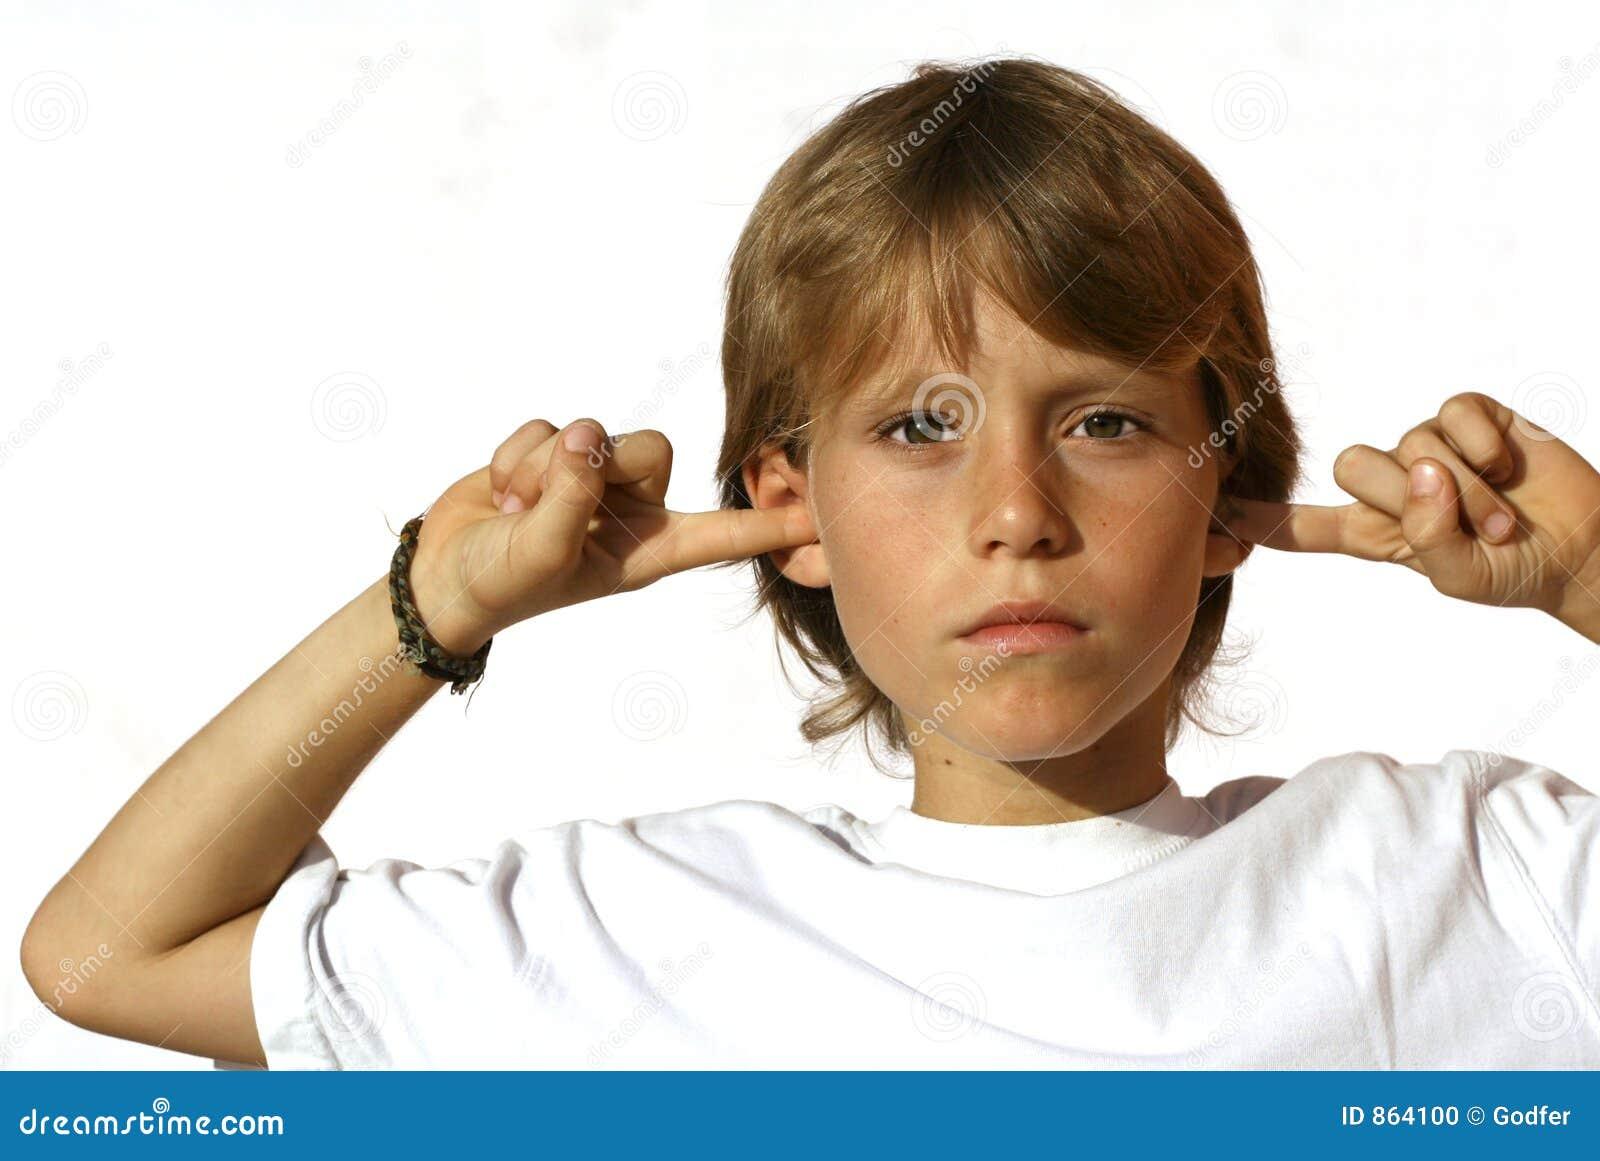 перста уха ребенка вызывающие